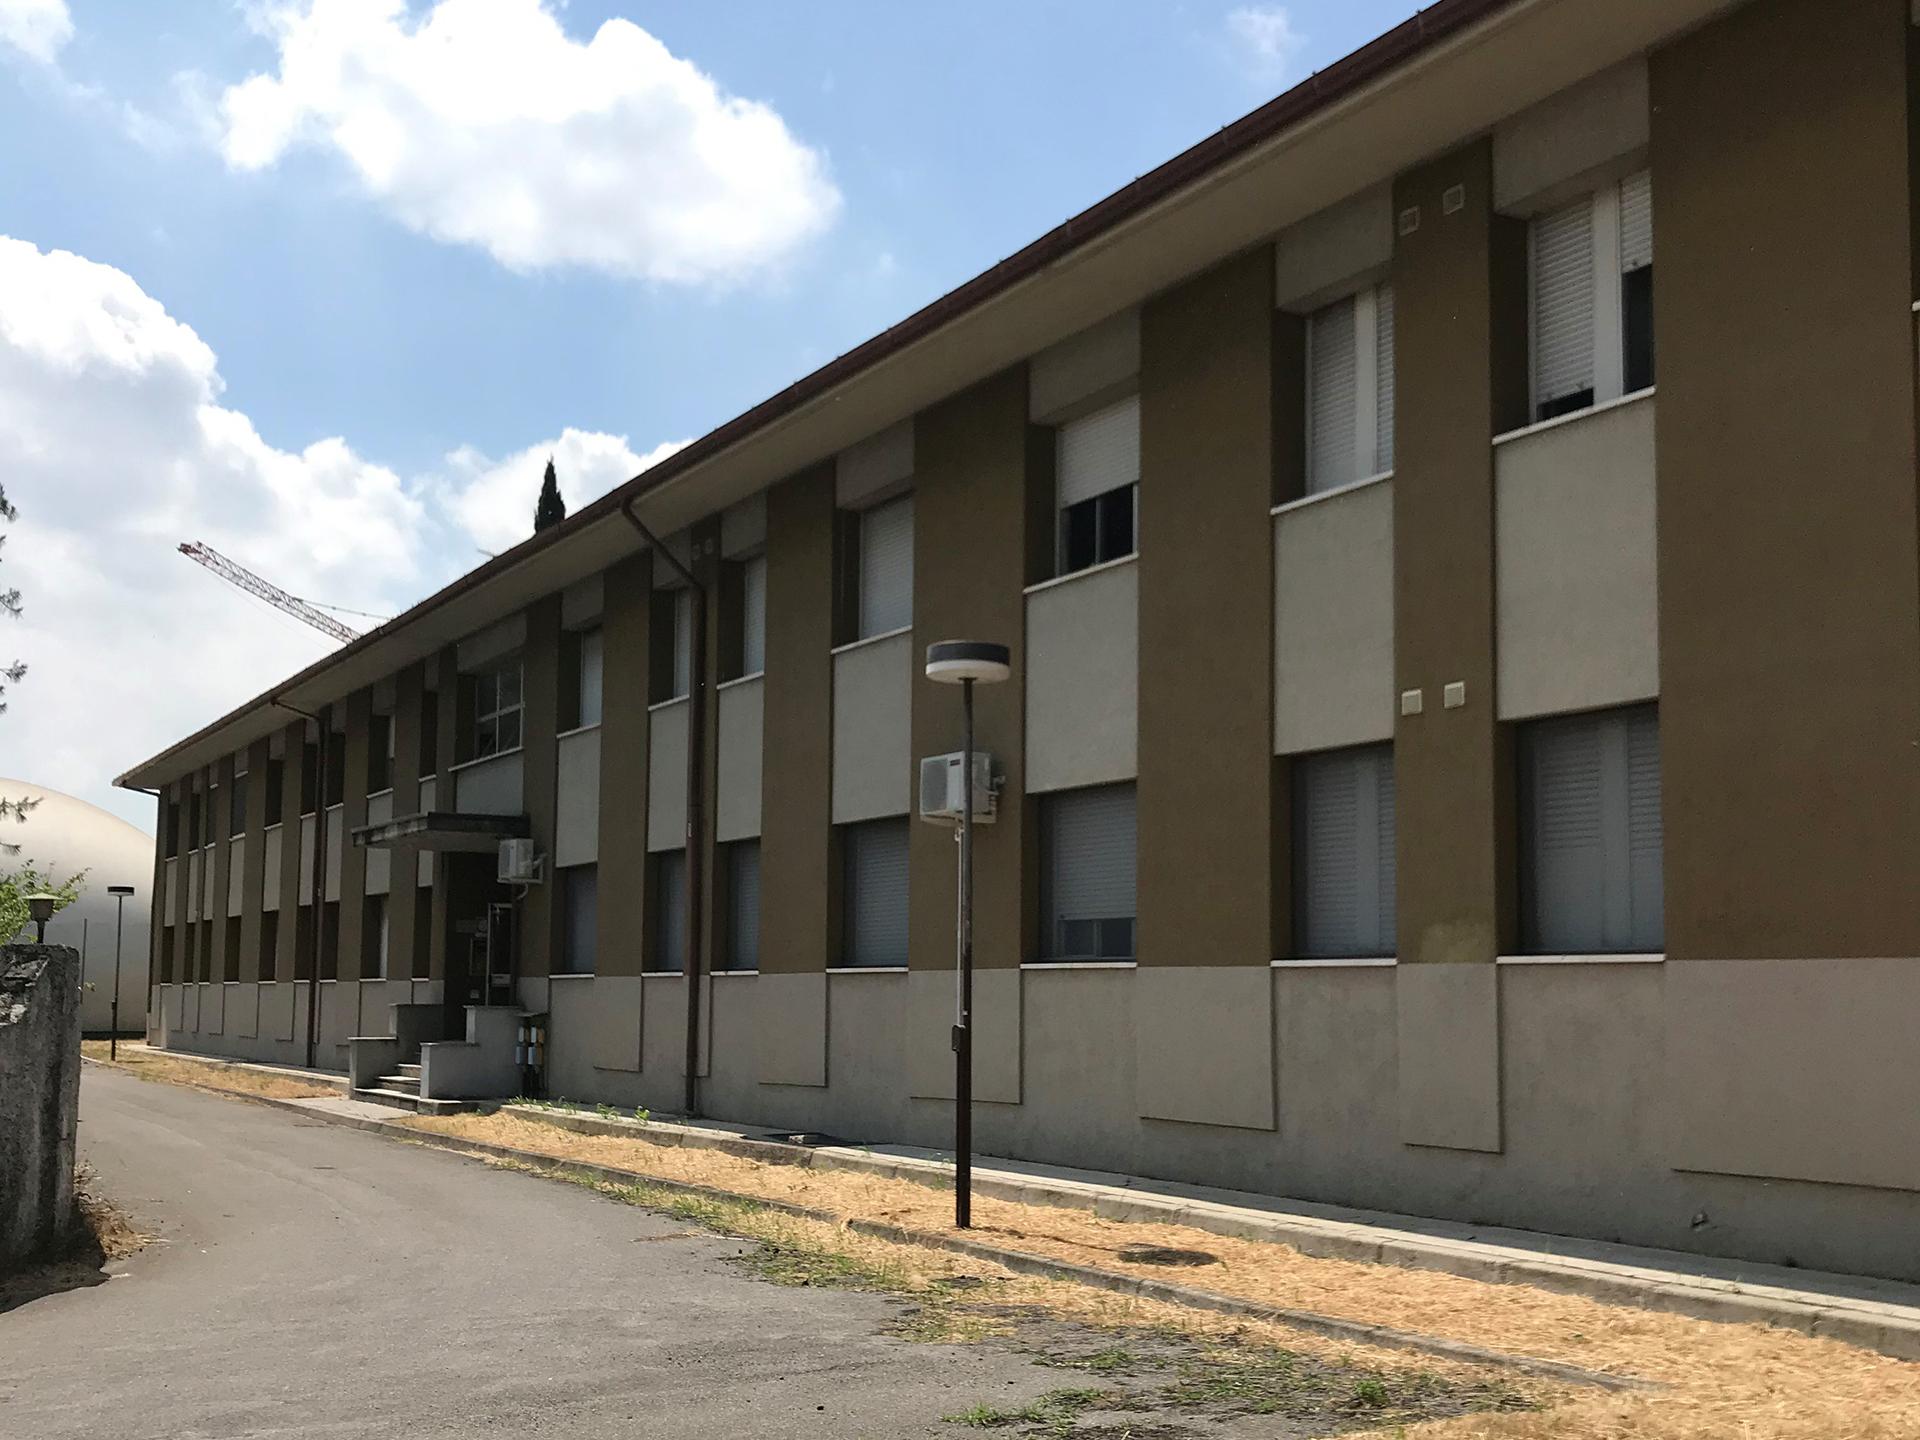 Edificio alloggi n. 28